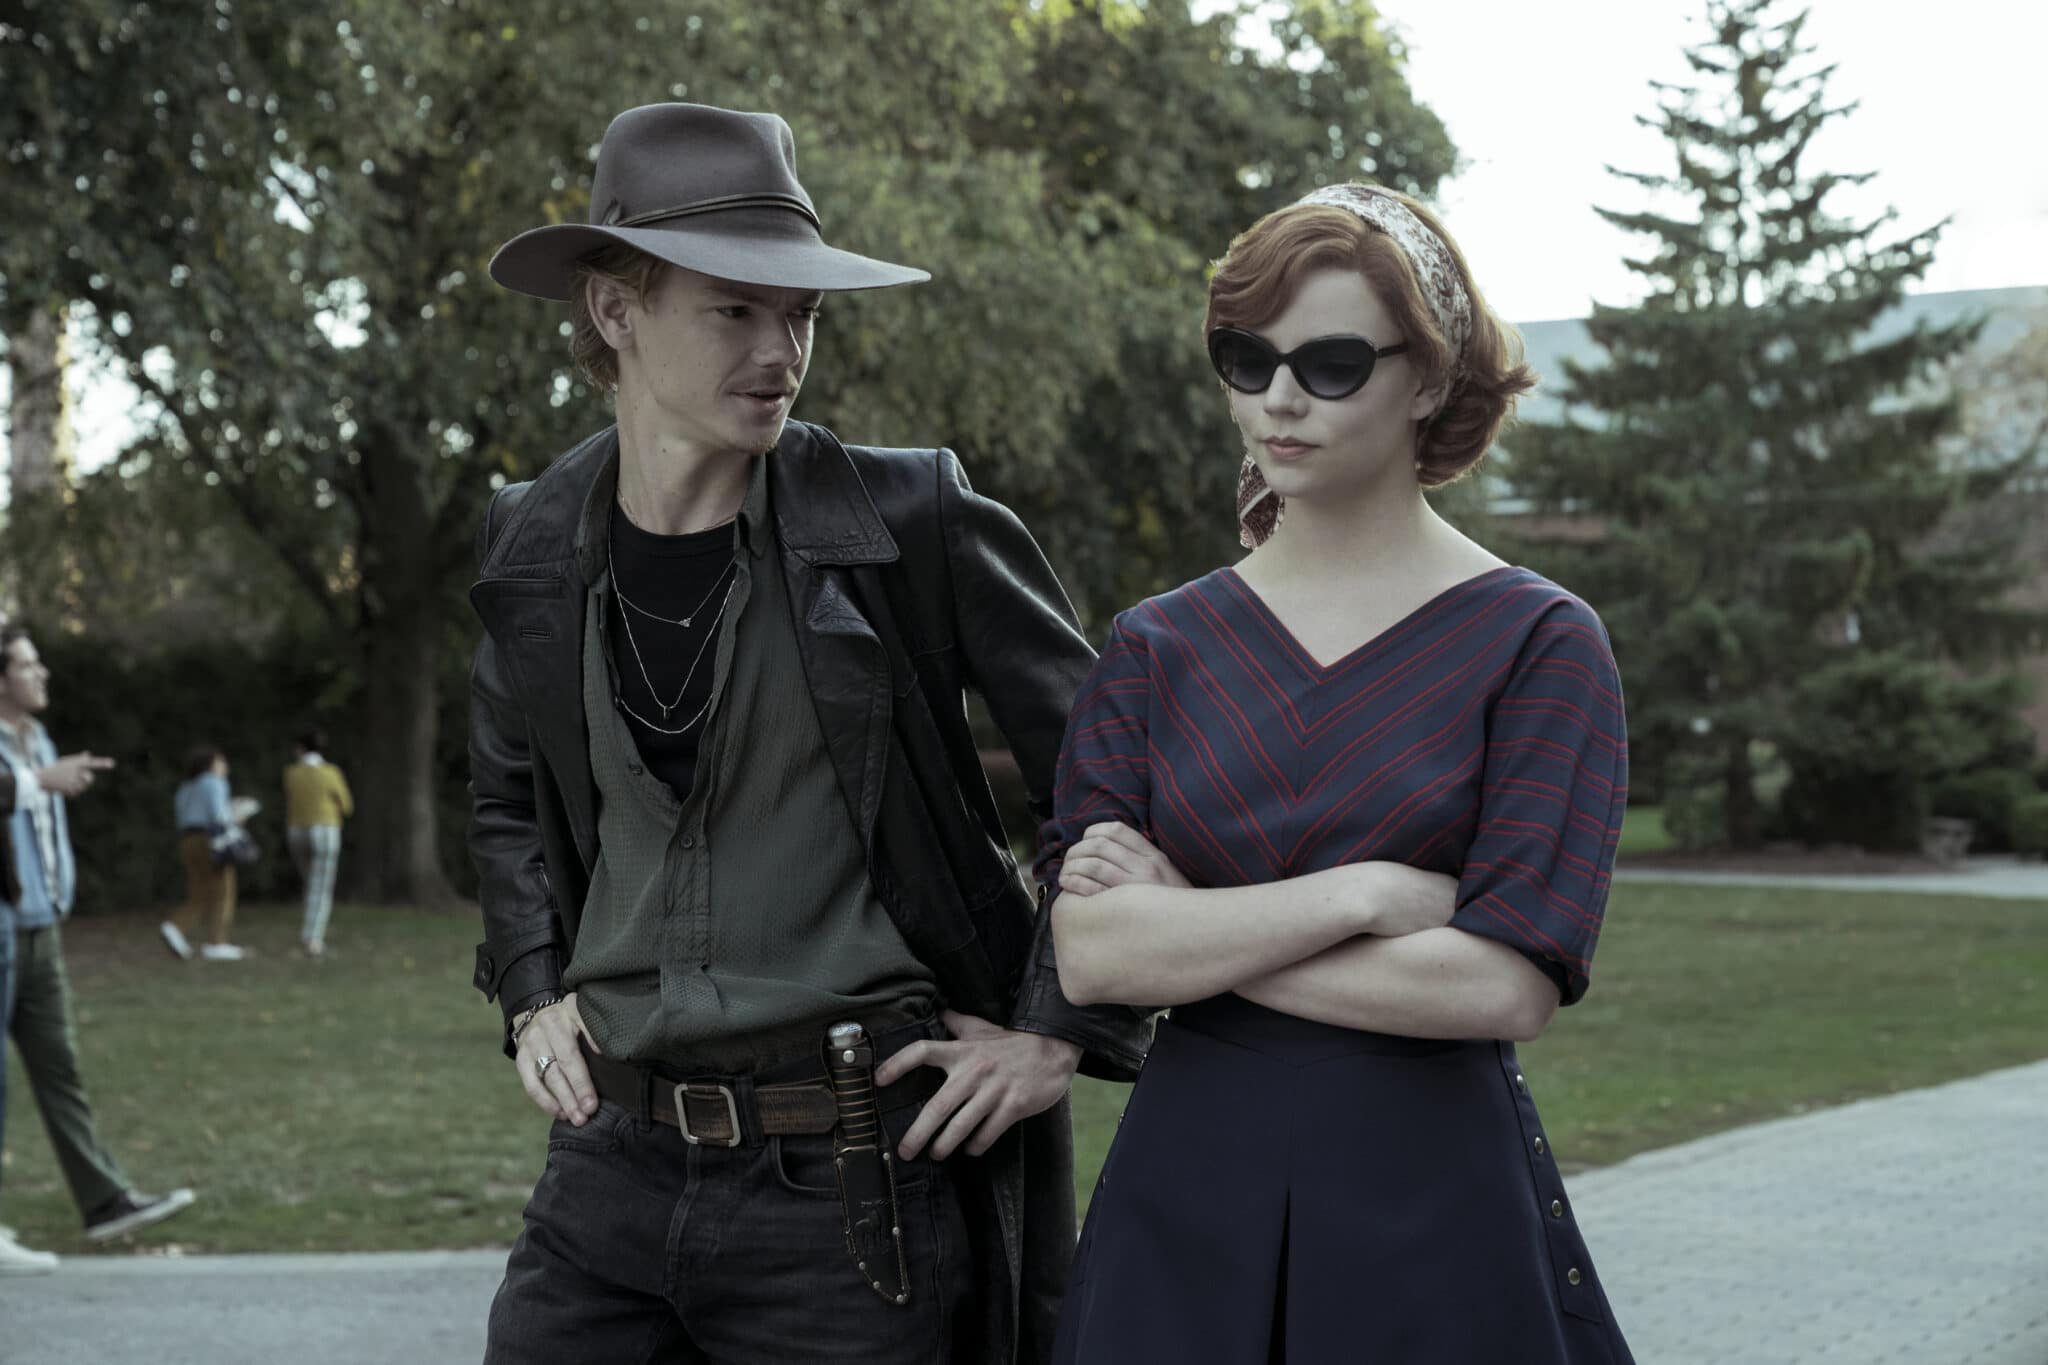 Anya Taylor-Joy als Beth Harmon mit verschränkten Armen und Sonnenbrille neben Thomas Brodie-Sangster mit Cowboyhut und dunkler Kleidung bei einem Parkspaziergang